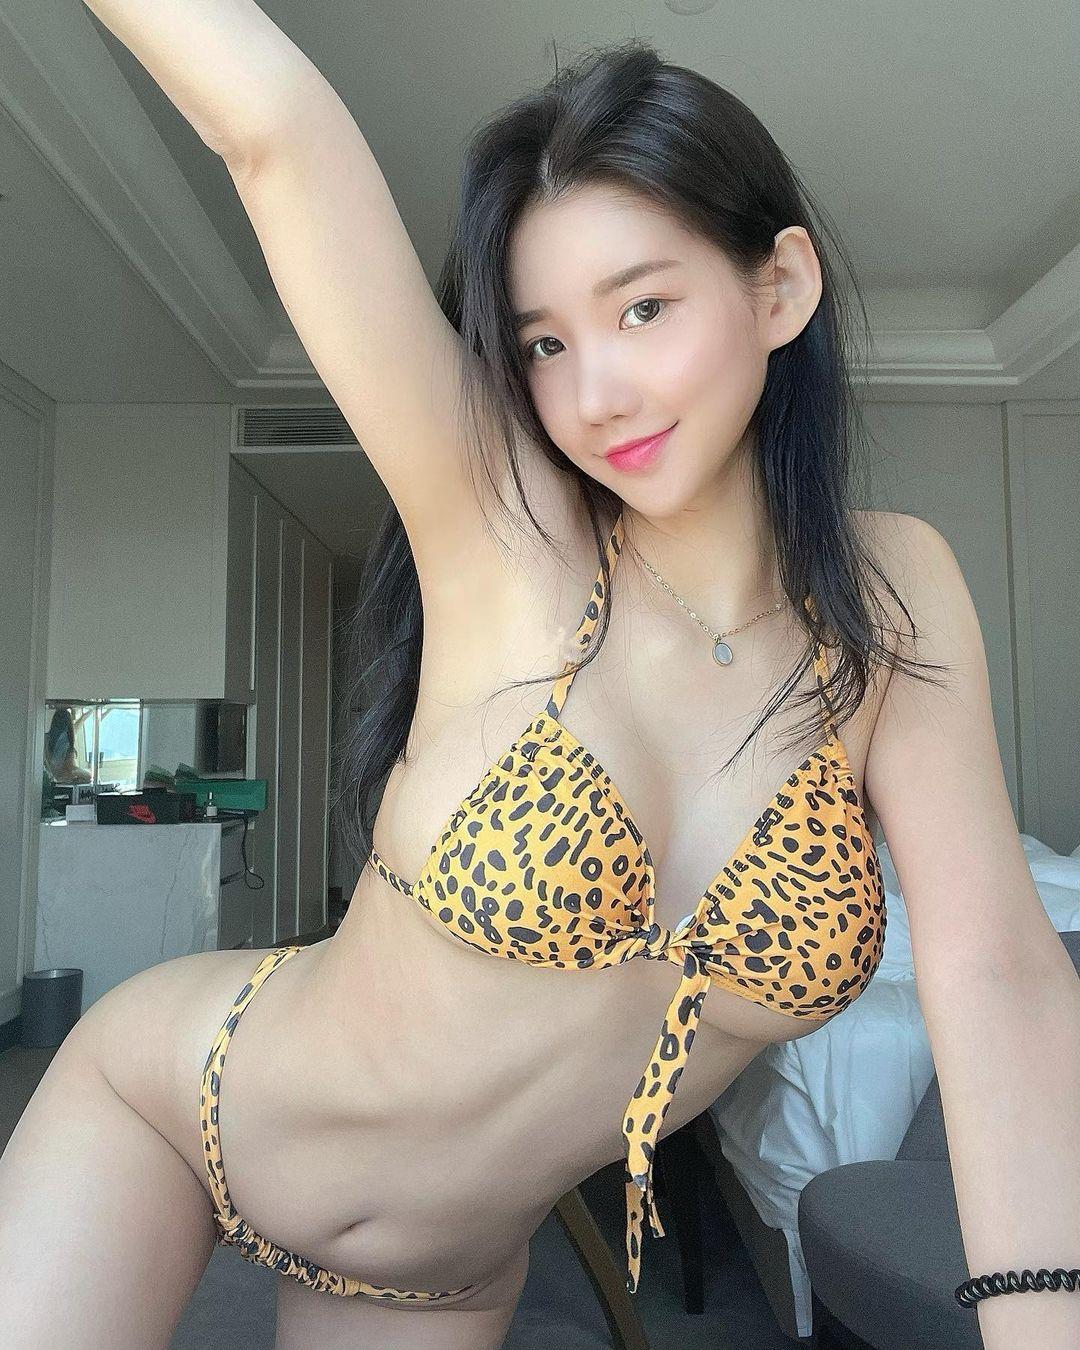 DJミユ「えっちいヒョウ柄ビキニ」胸元のヒモが解けそうに…?【画像2枚】の画像002